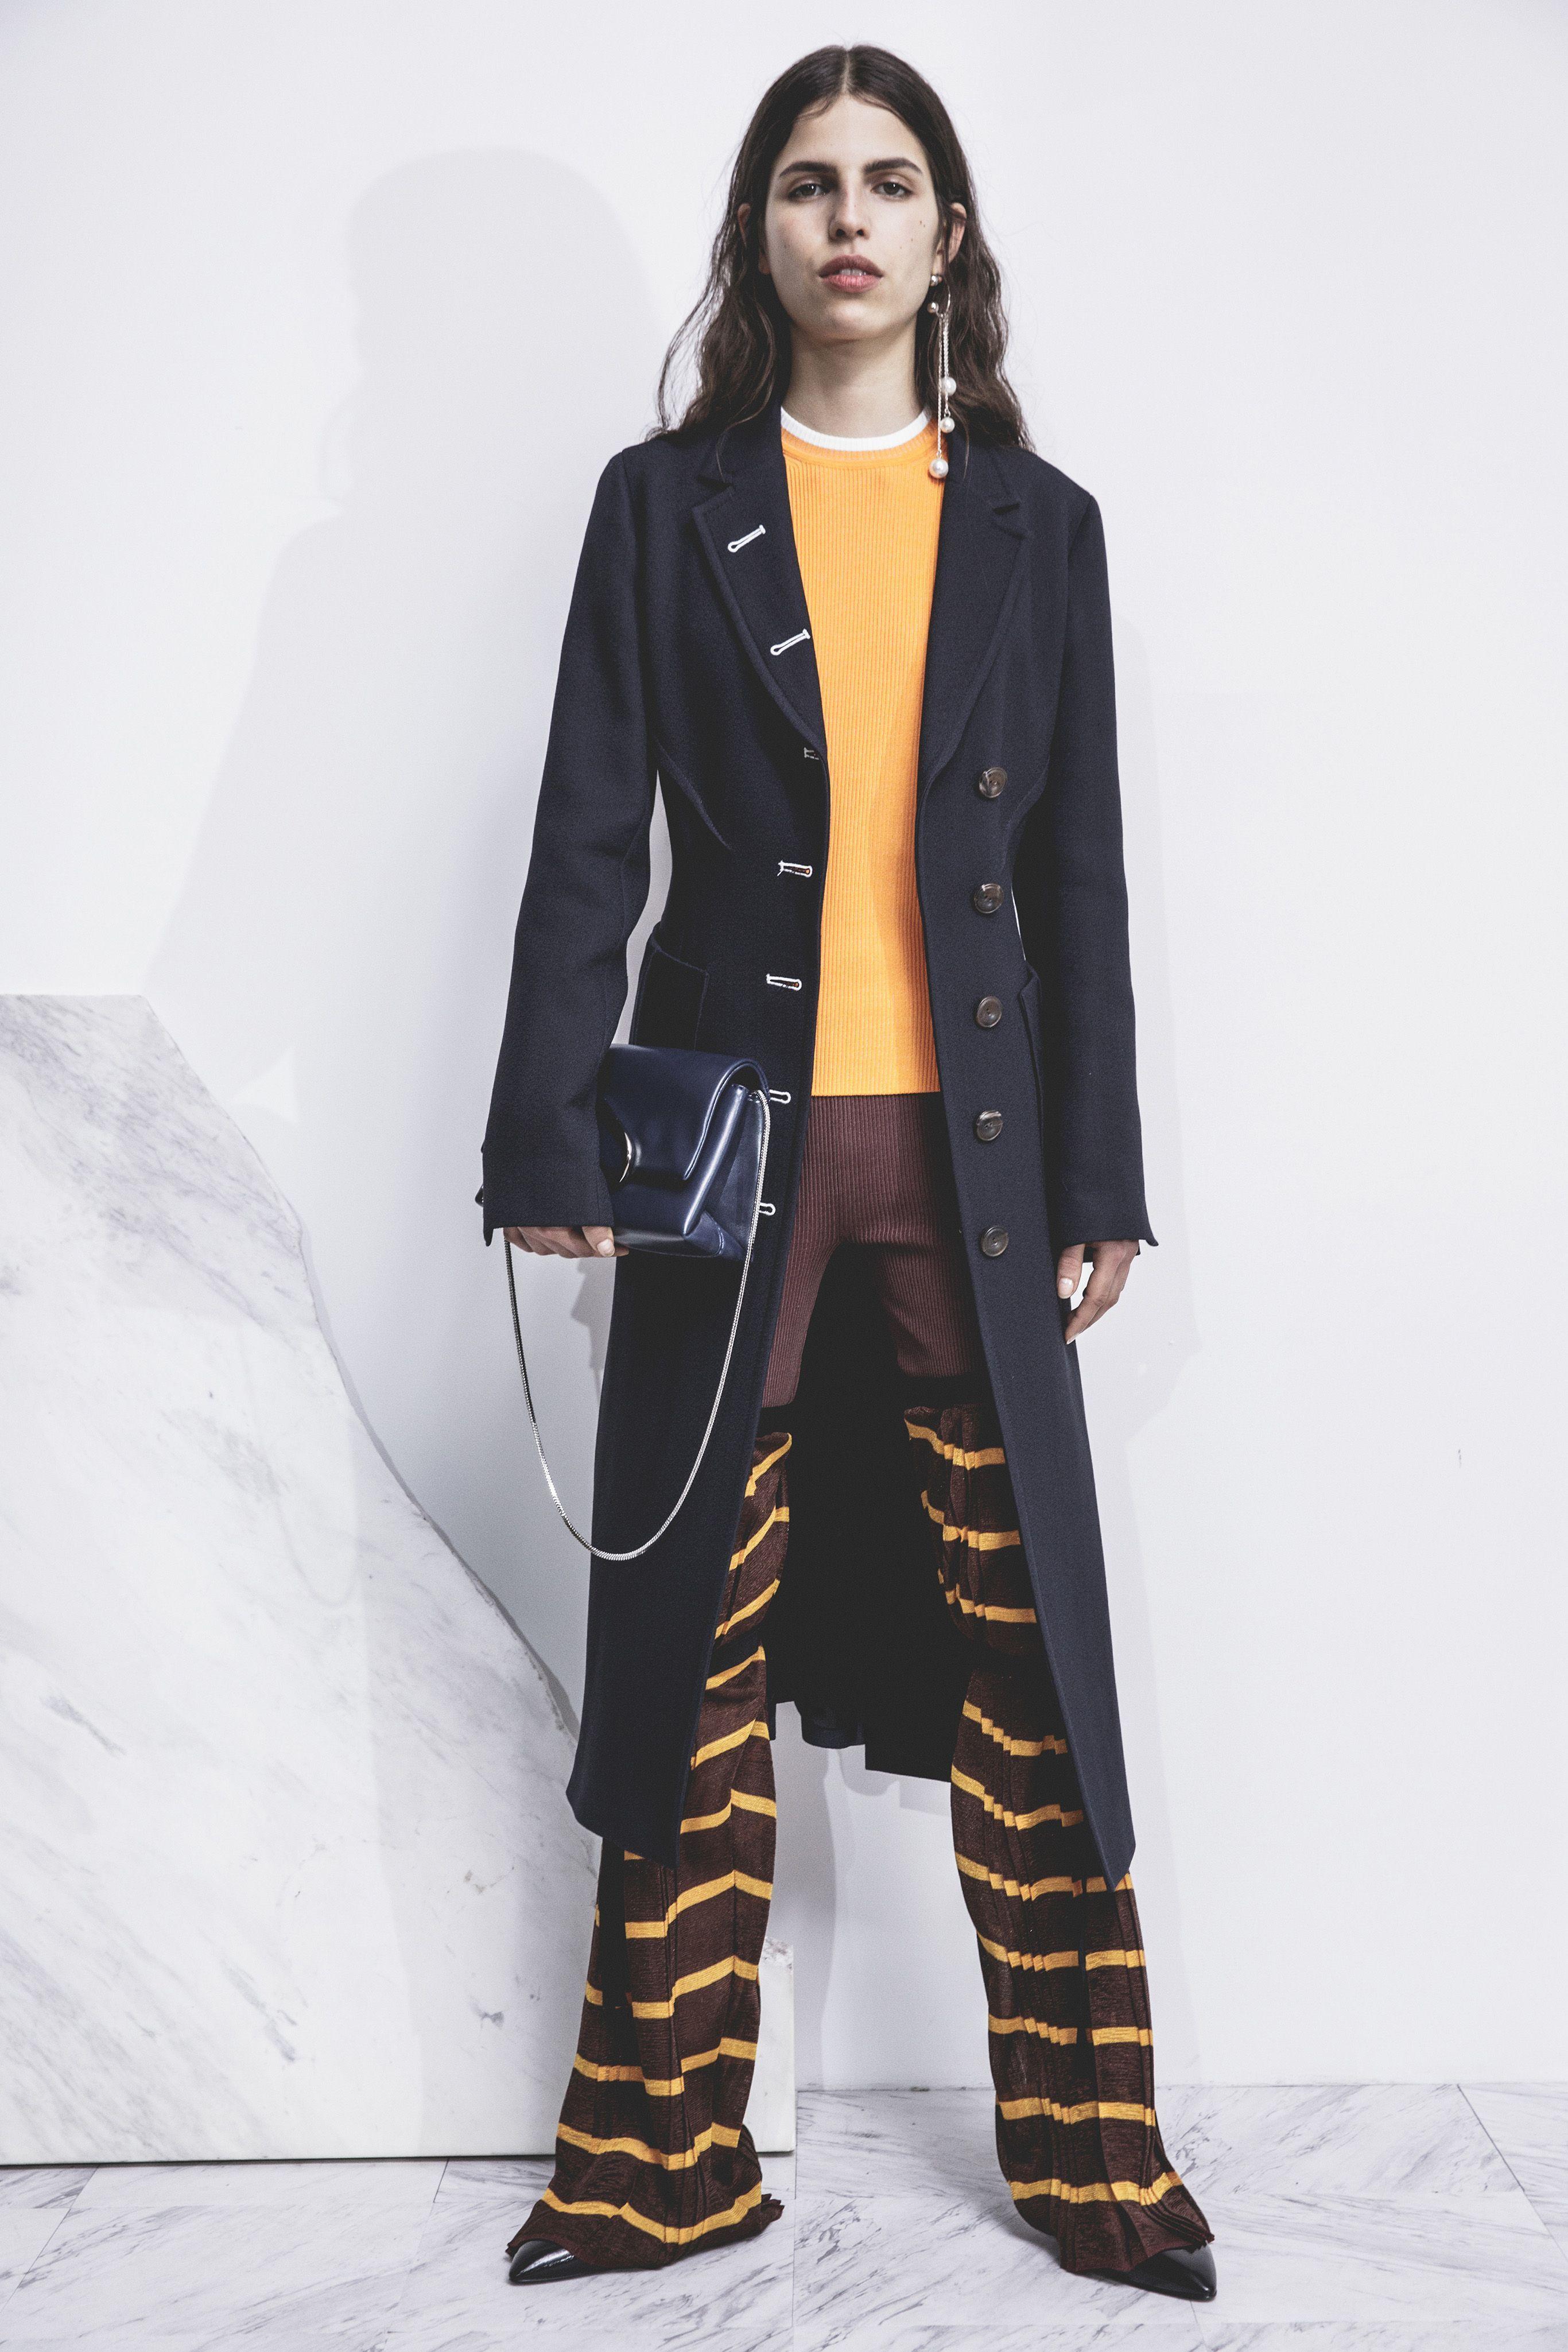 3.1 Philip Lim Autumn/Winter 2017 Pre-Fall Collection